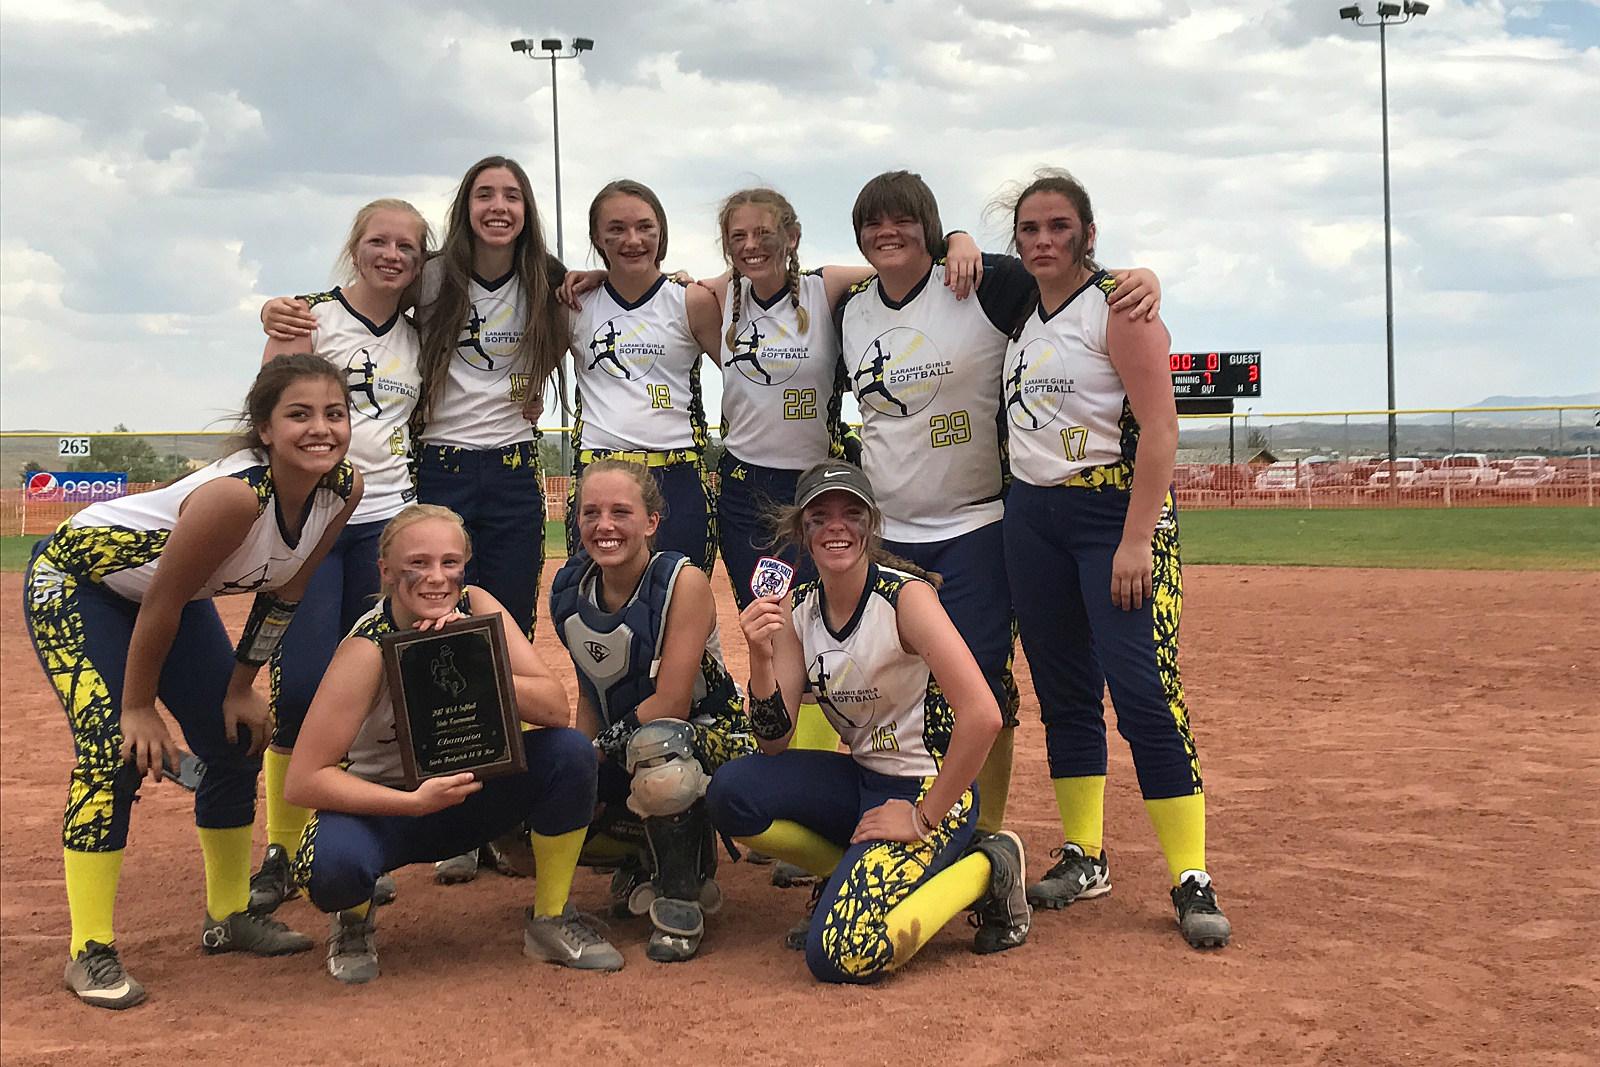 LGS, Fastpitch Softball, 14U State Champs, 2017